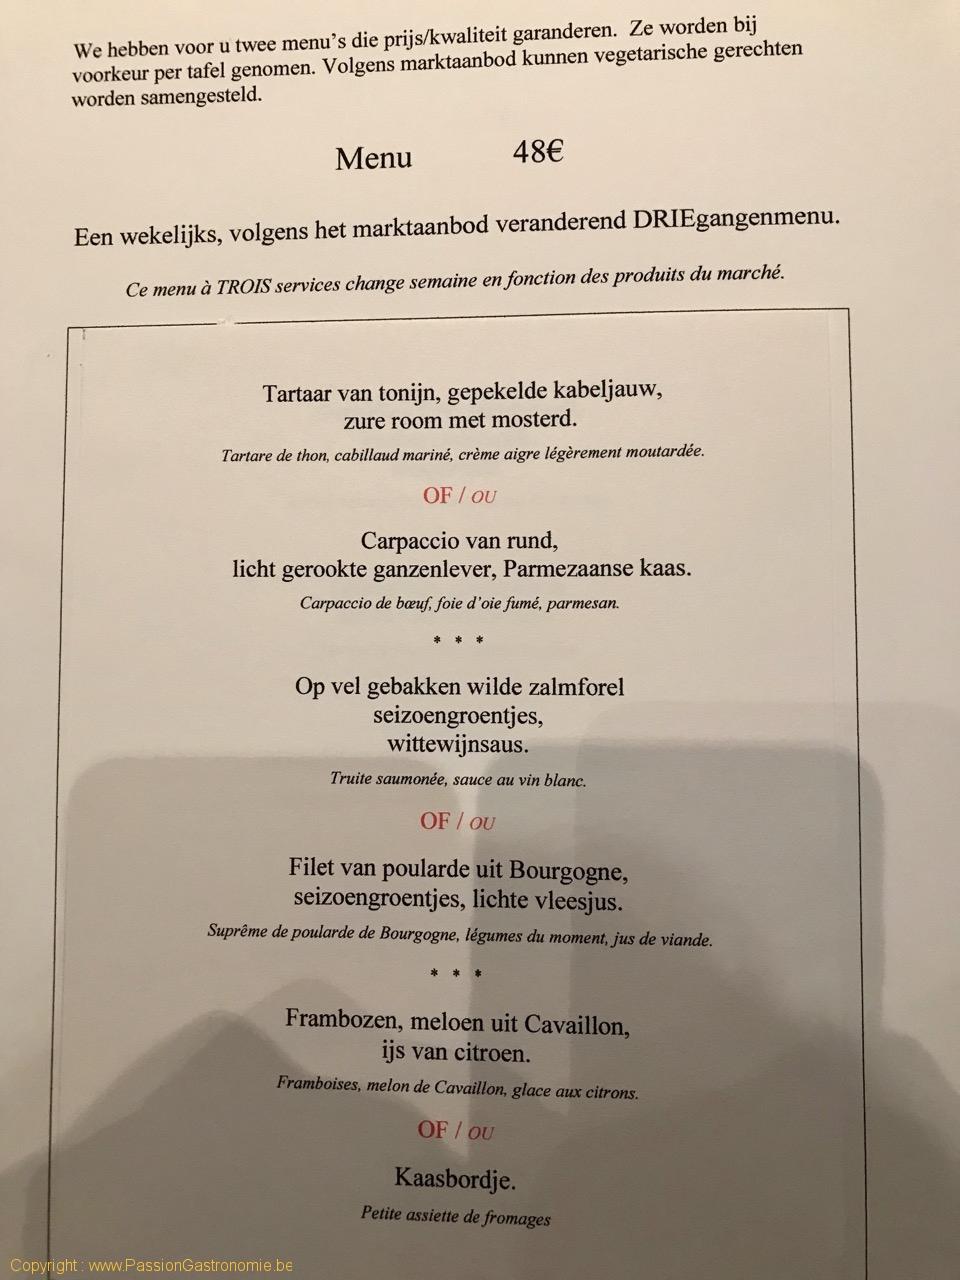 Restaurant Philippe Nuyens - Le menu trois services